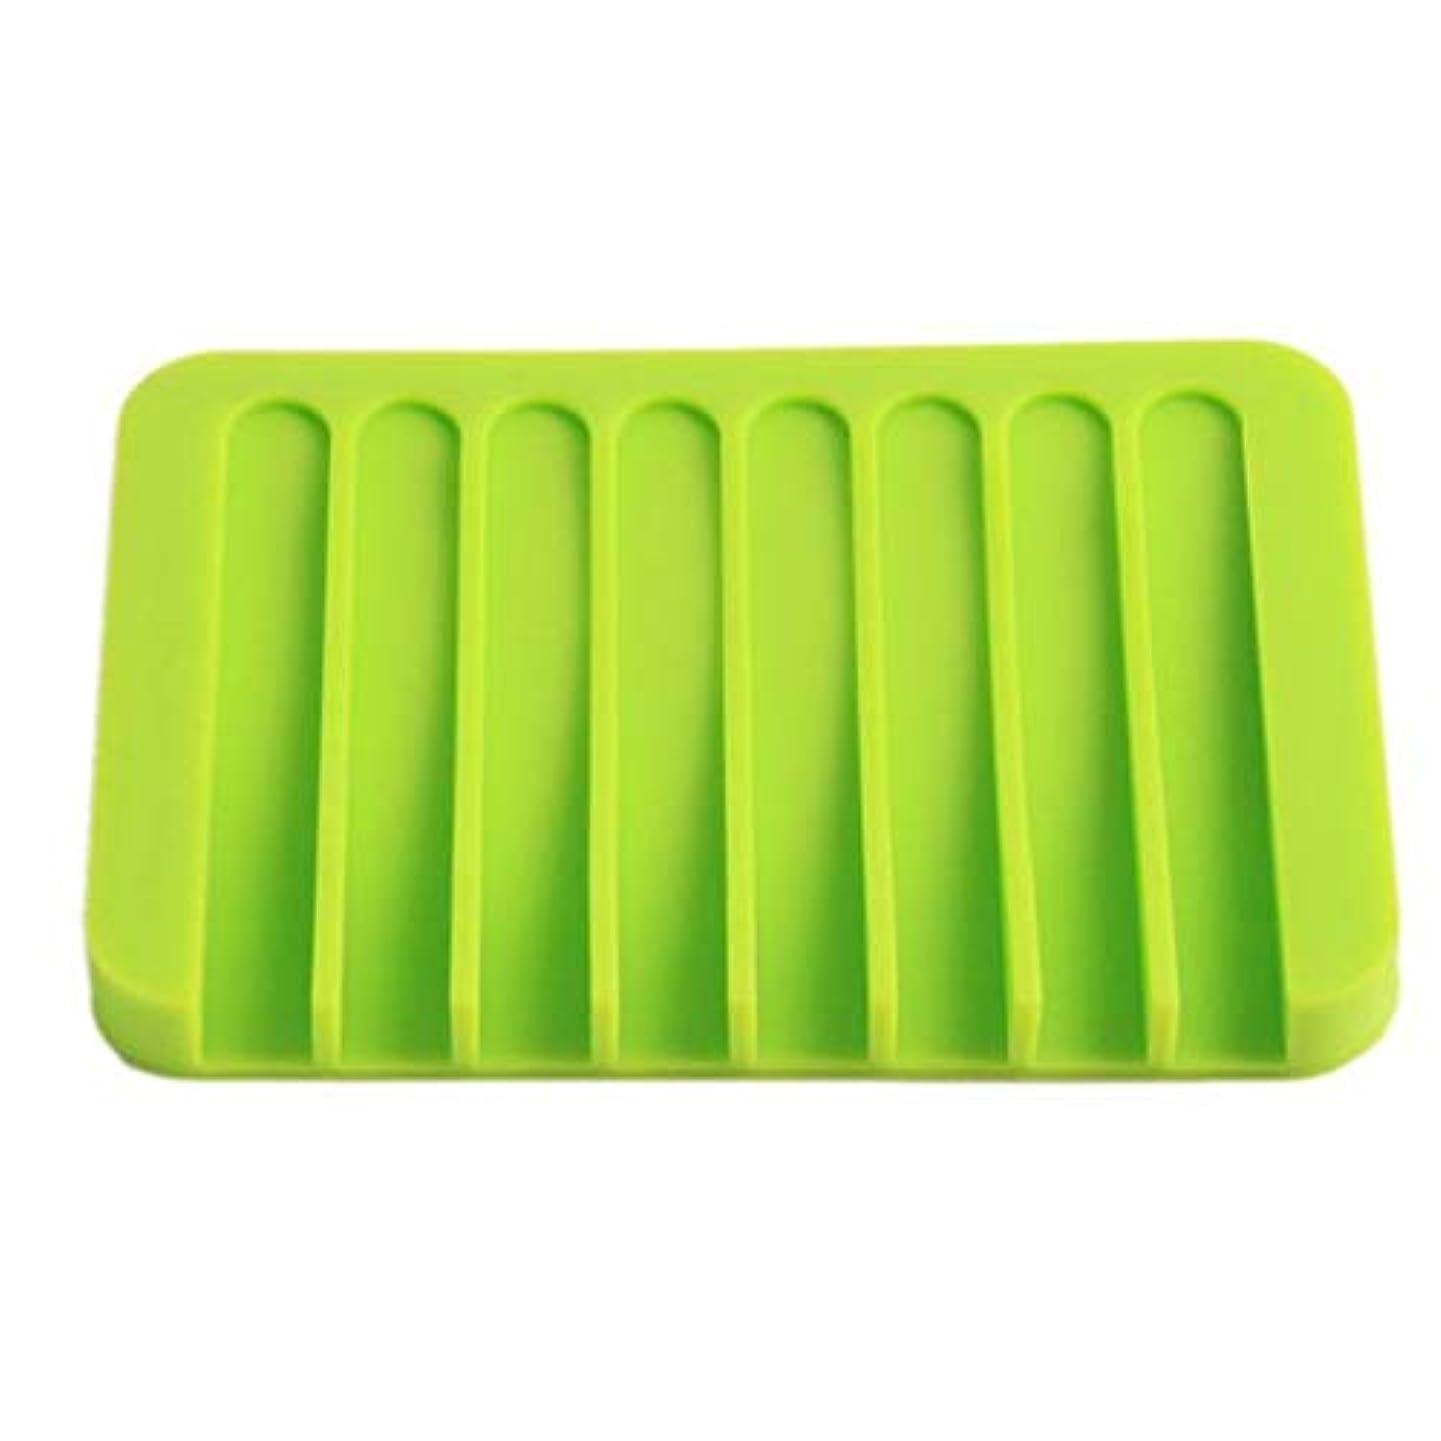 特殊一貫性のないエレベーターOnior プレミアム品質のシリコーン浴室柔軟な石鹸皿ソープホルダー収納ソープボックスプレートトレイ排水、グリーン